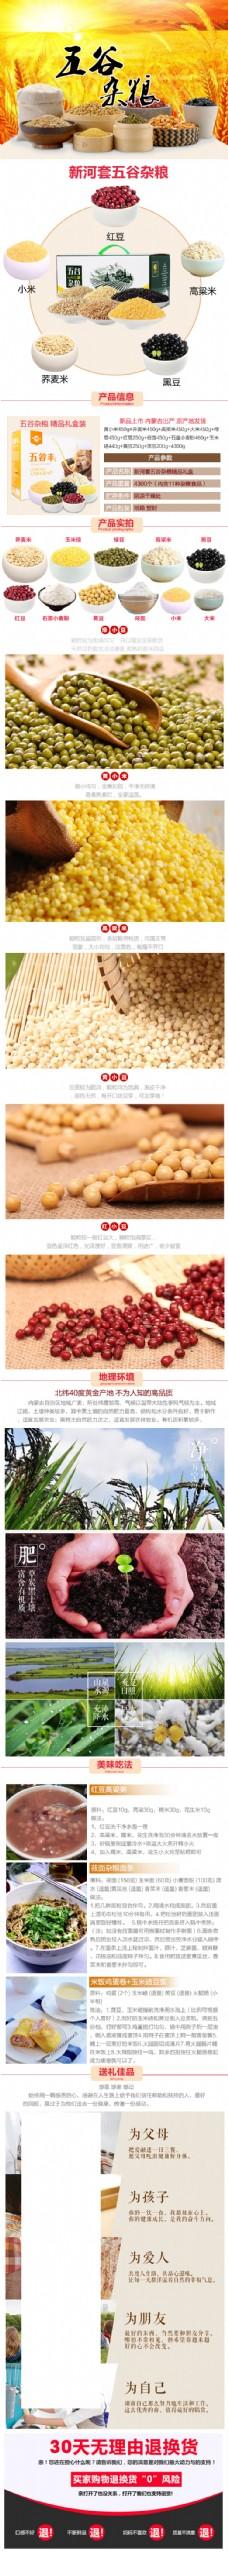 五谷杂粮淘宝详情页设计